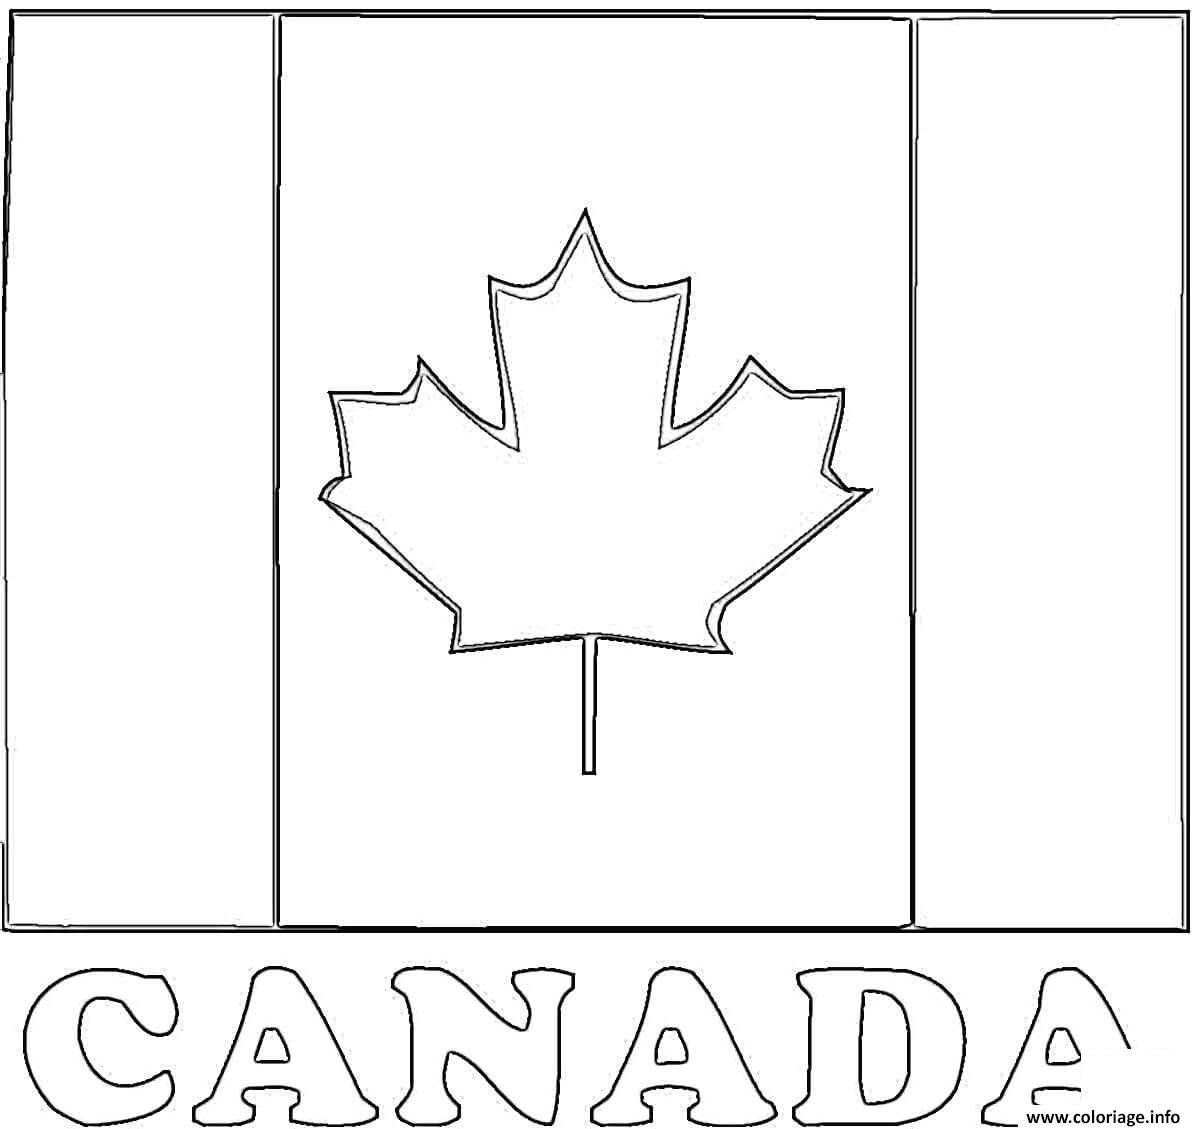 Dessin fete nationale drapeau du canada flag Coloriage Gratuit à Imprimer